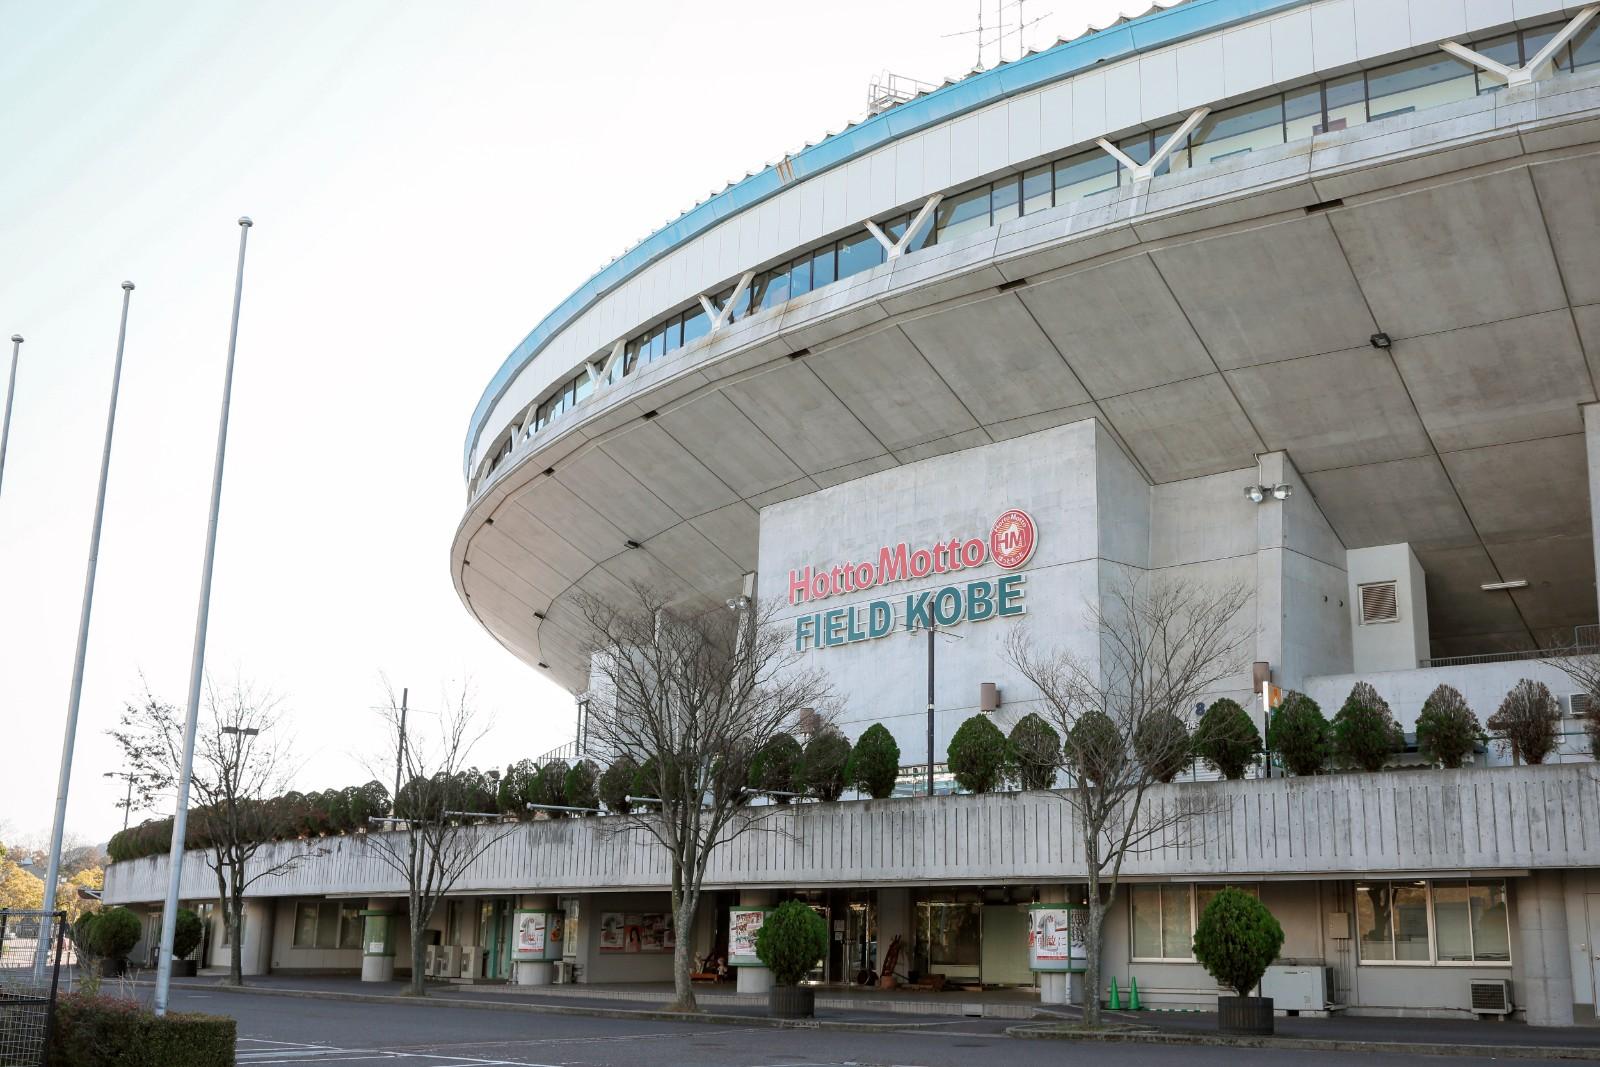 日本一美しい!?ほっともっとフィールド神戸が愛される理由